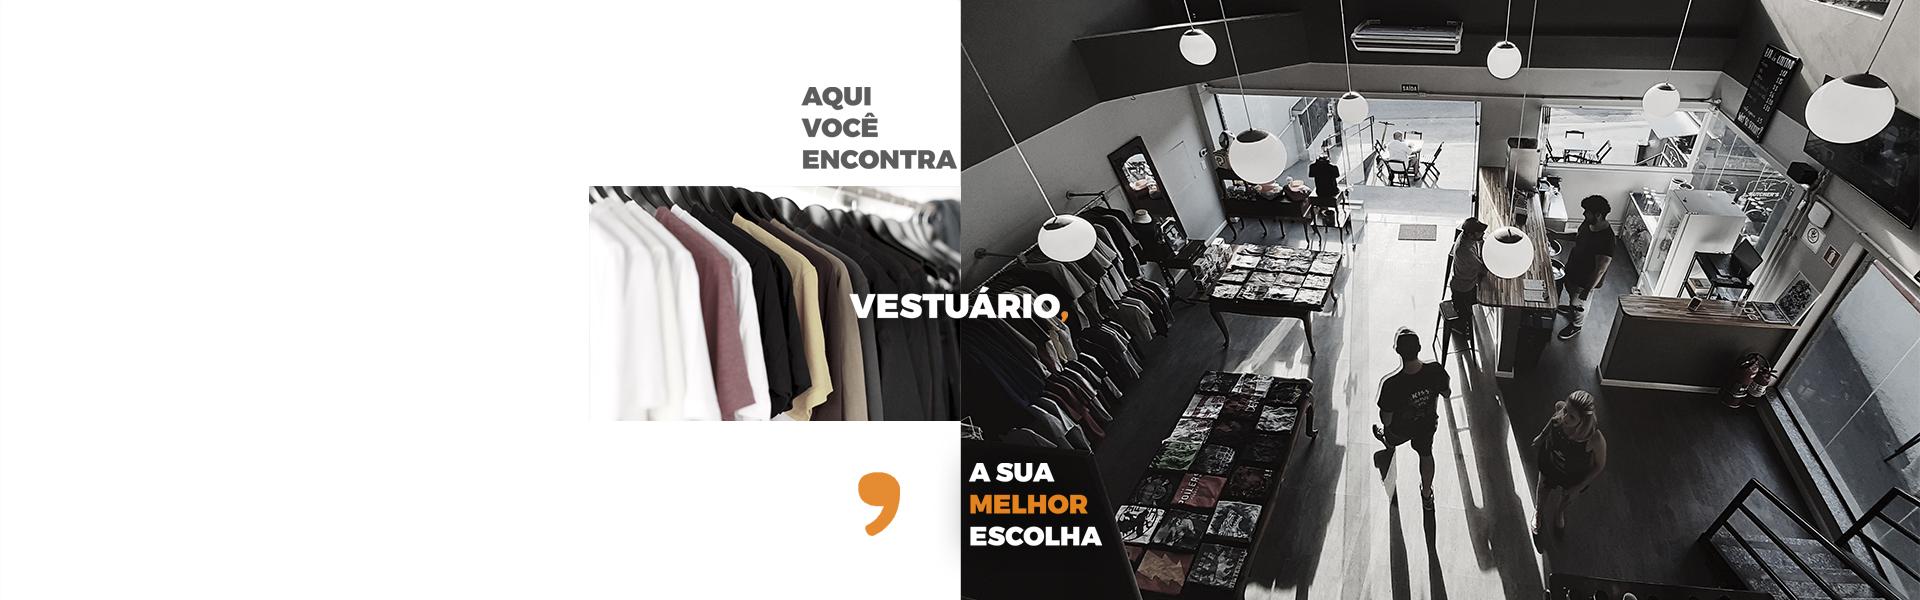 Personalize roupas com o seu estilo!